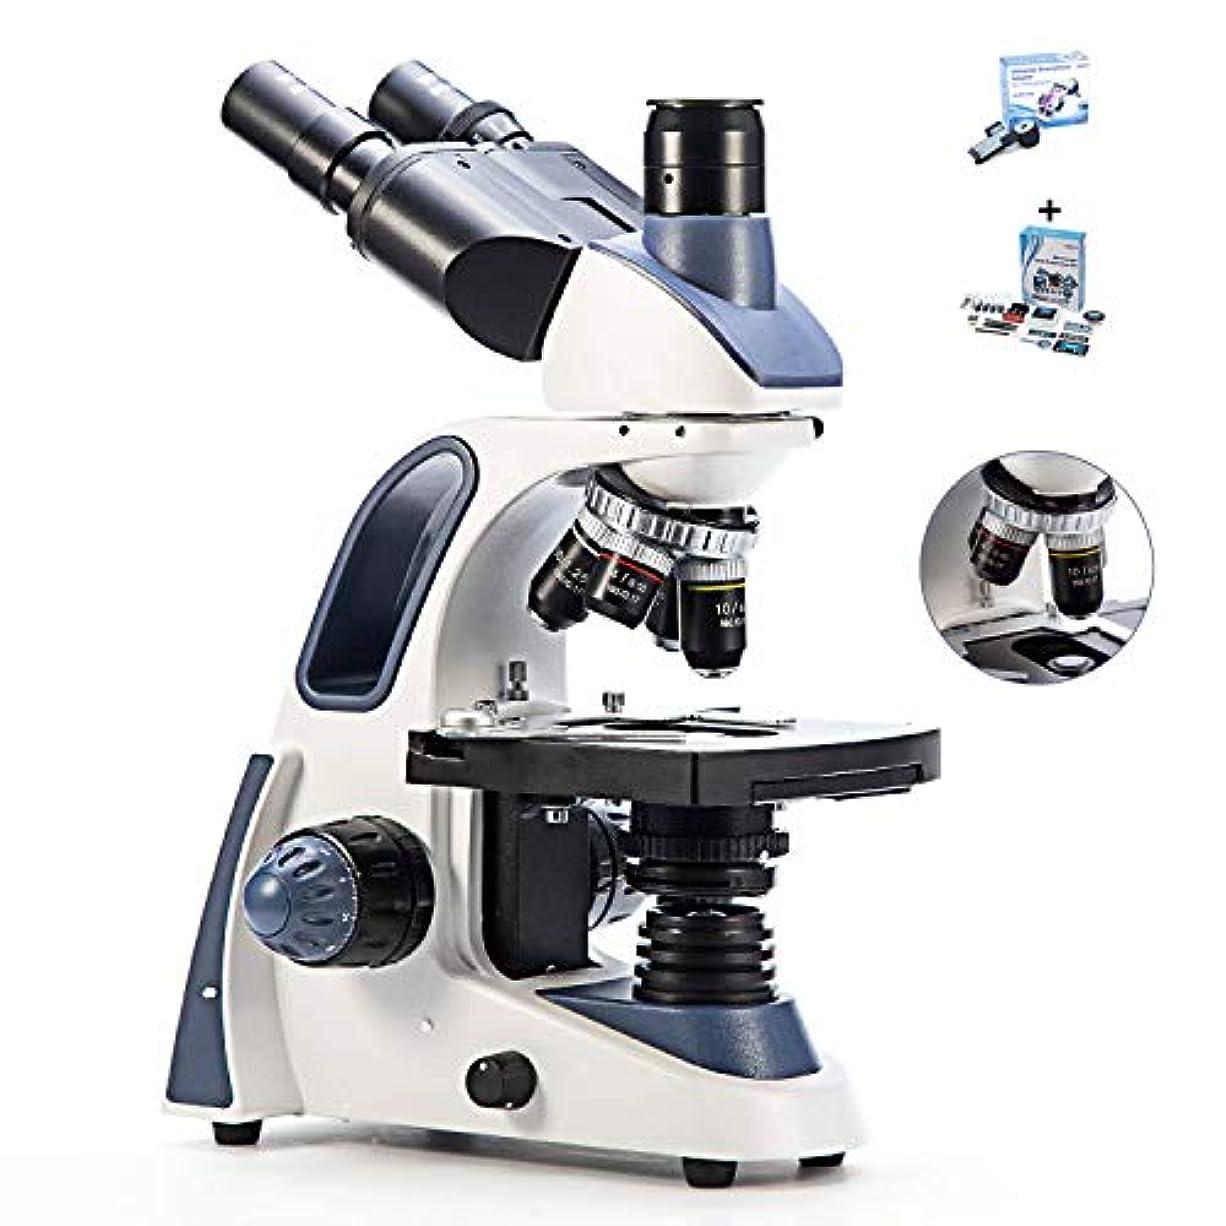 スーパー補助明確に複眼双眼顕微鏡 学生用顕微鏡拡大鏡 40倍?2500倍の倍率、 メカニカルステージ、 超精密フォーカシング、 広視野10倍および25倍接眼レンズ付き